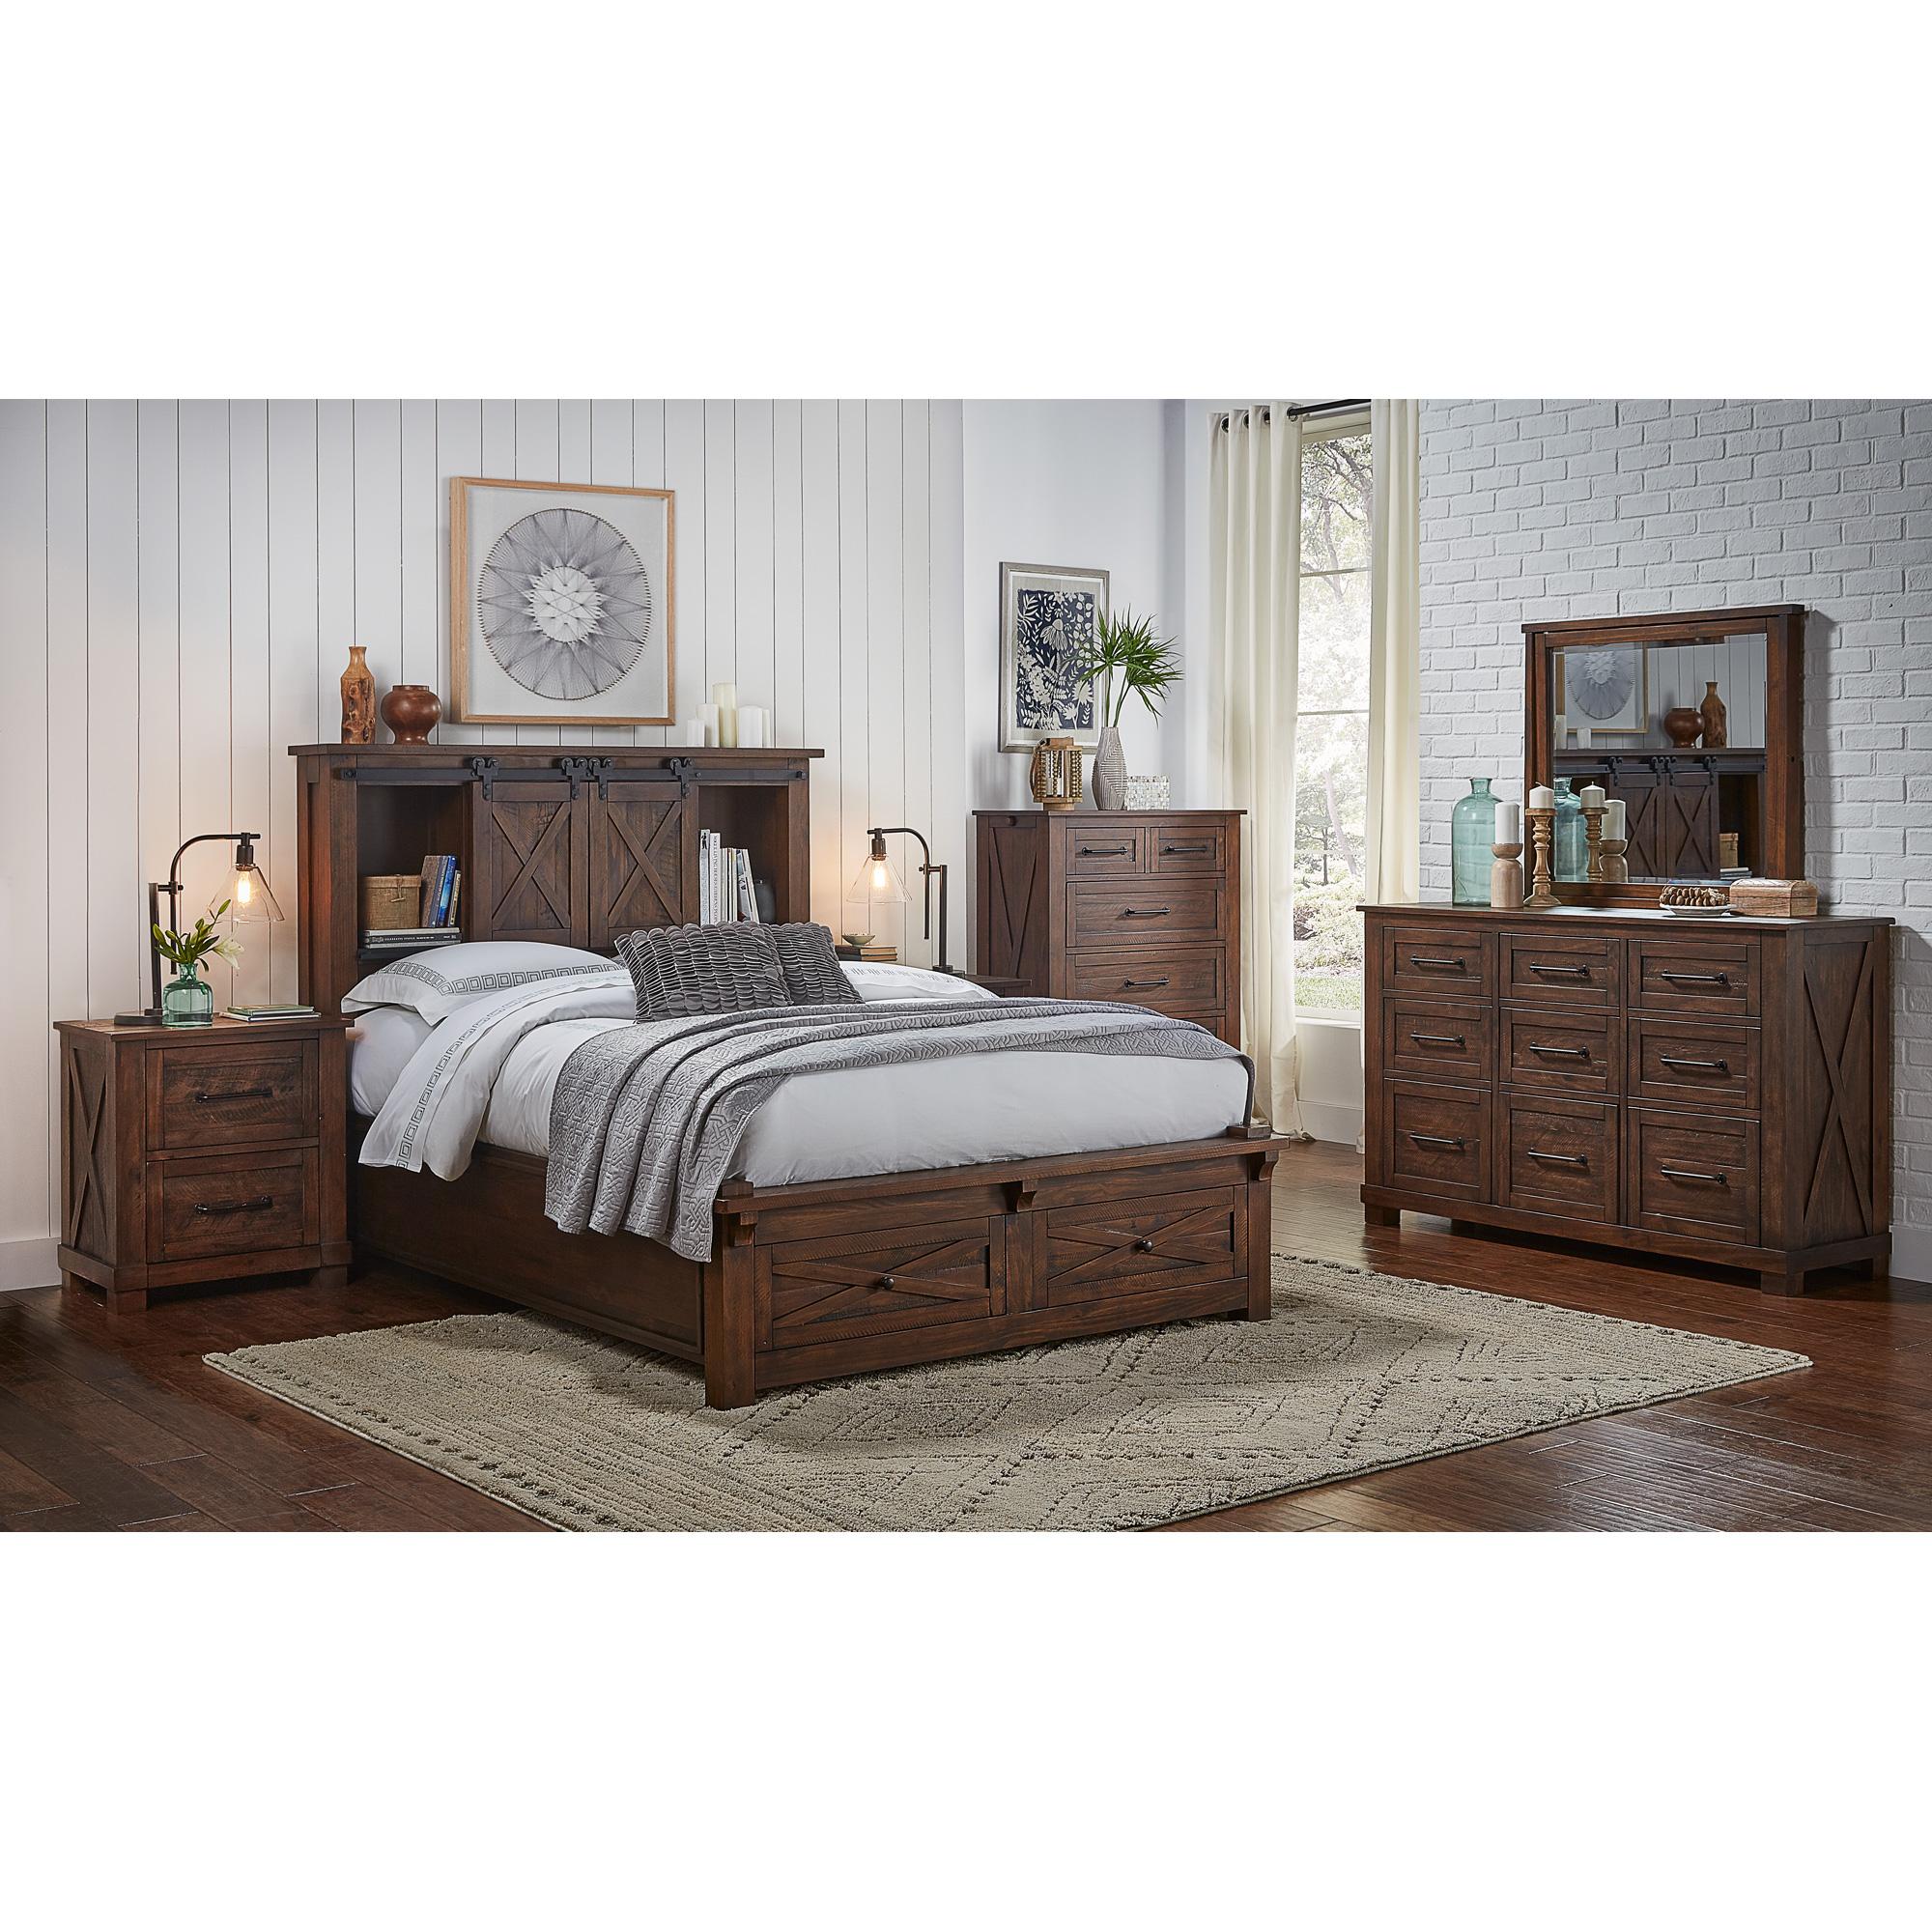 America | Sun Valley Rustic Timber Queen Storage 4 Piece Room Group Bedroom Set